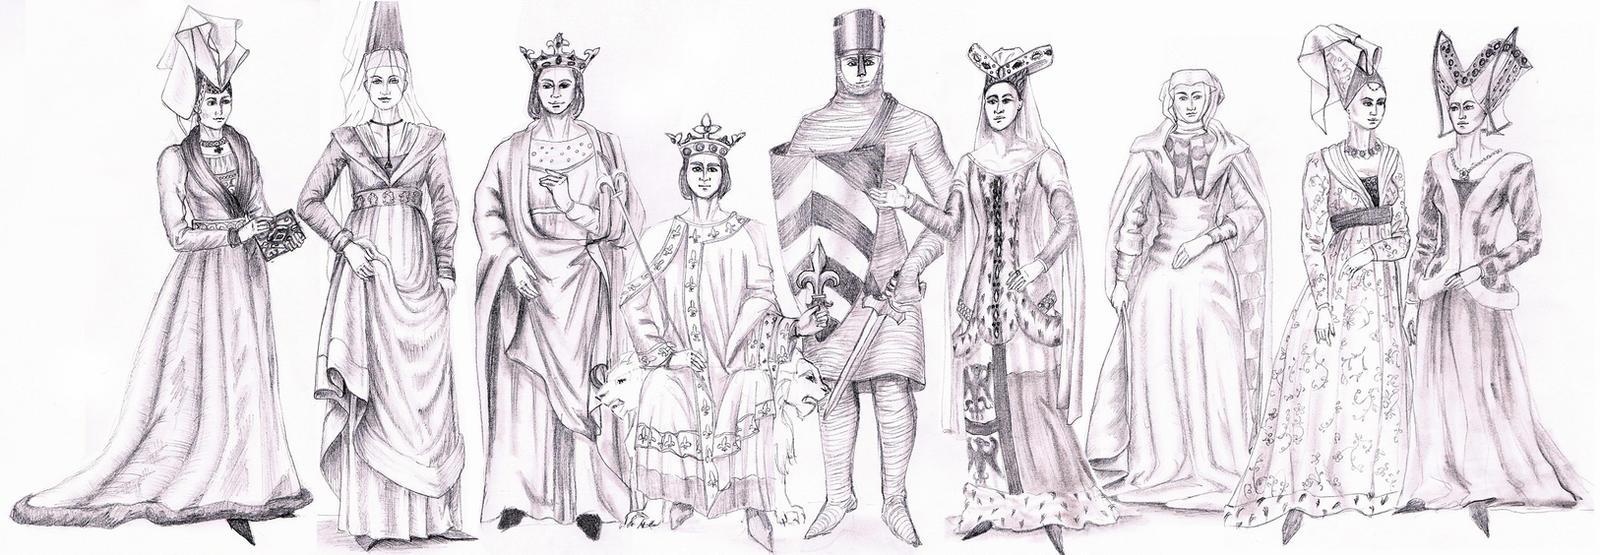 MEDIEVAL / GOTHIC FASHION- Fashion History Study by FashionARTventures